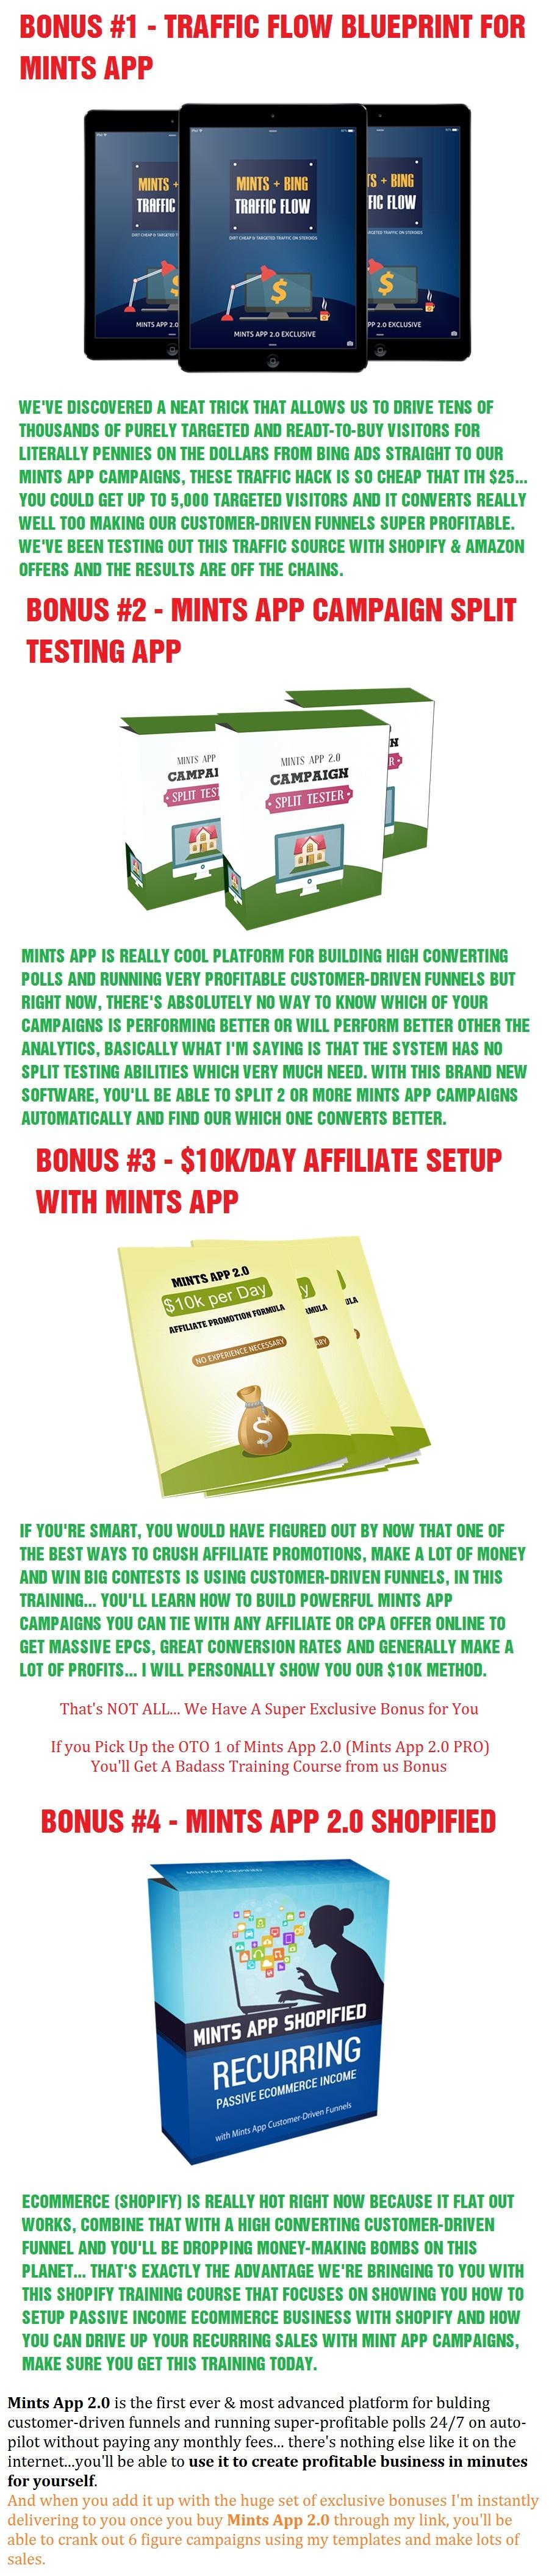 Mints App 2.0 Bonus